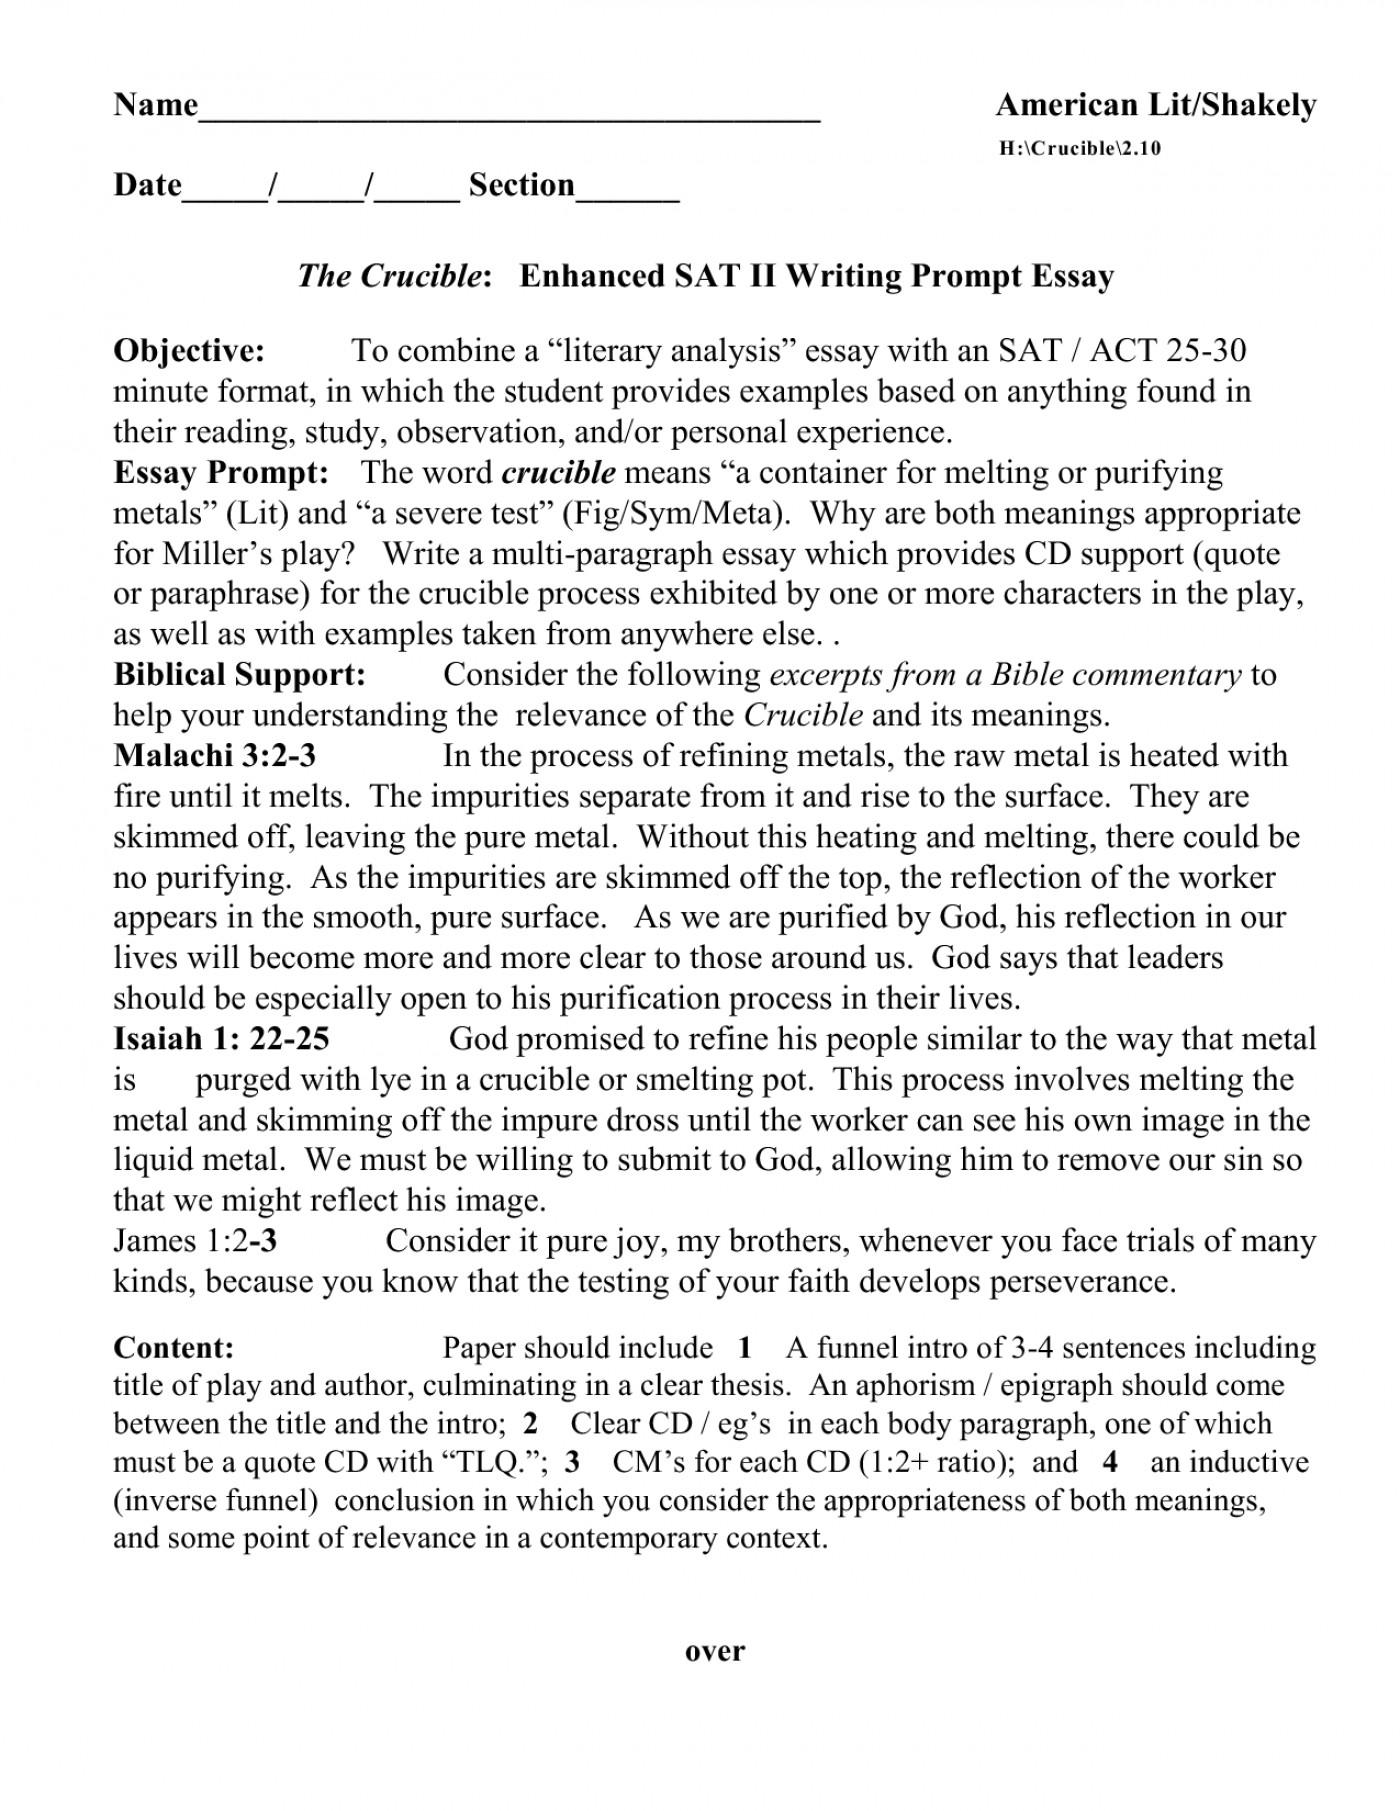 008 Sat Essay Prompts History Practice L Surprising 2015 2017 Prompt June 1400